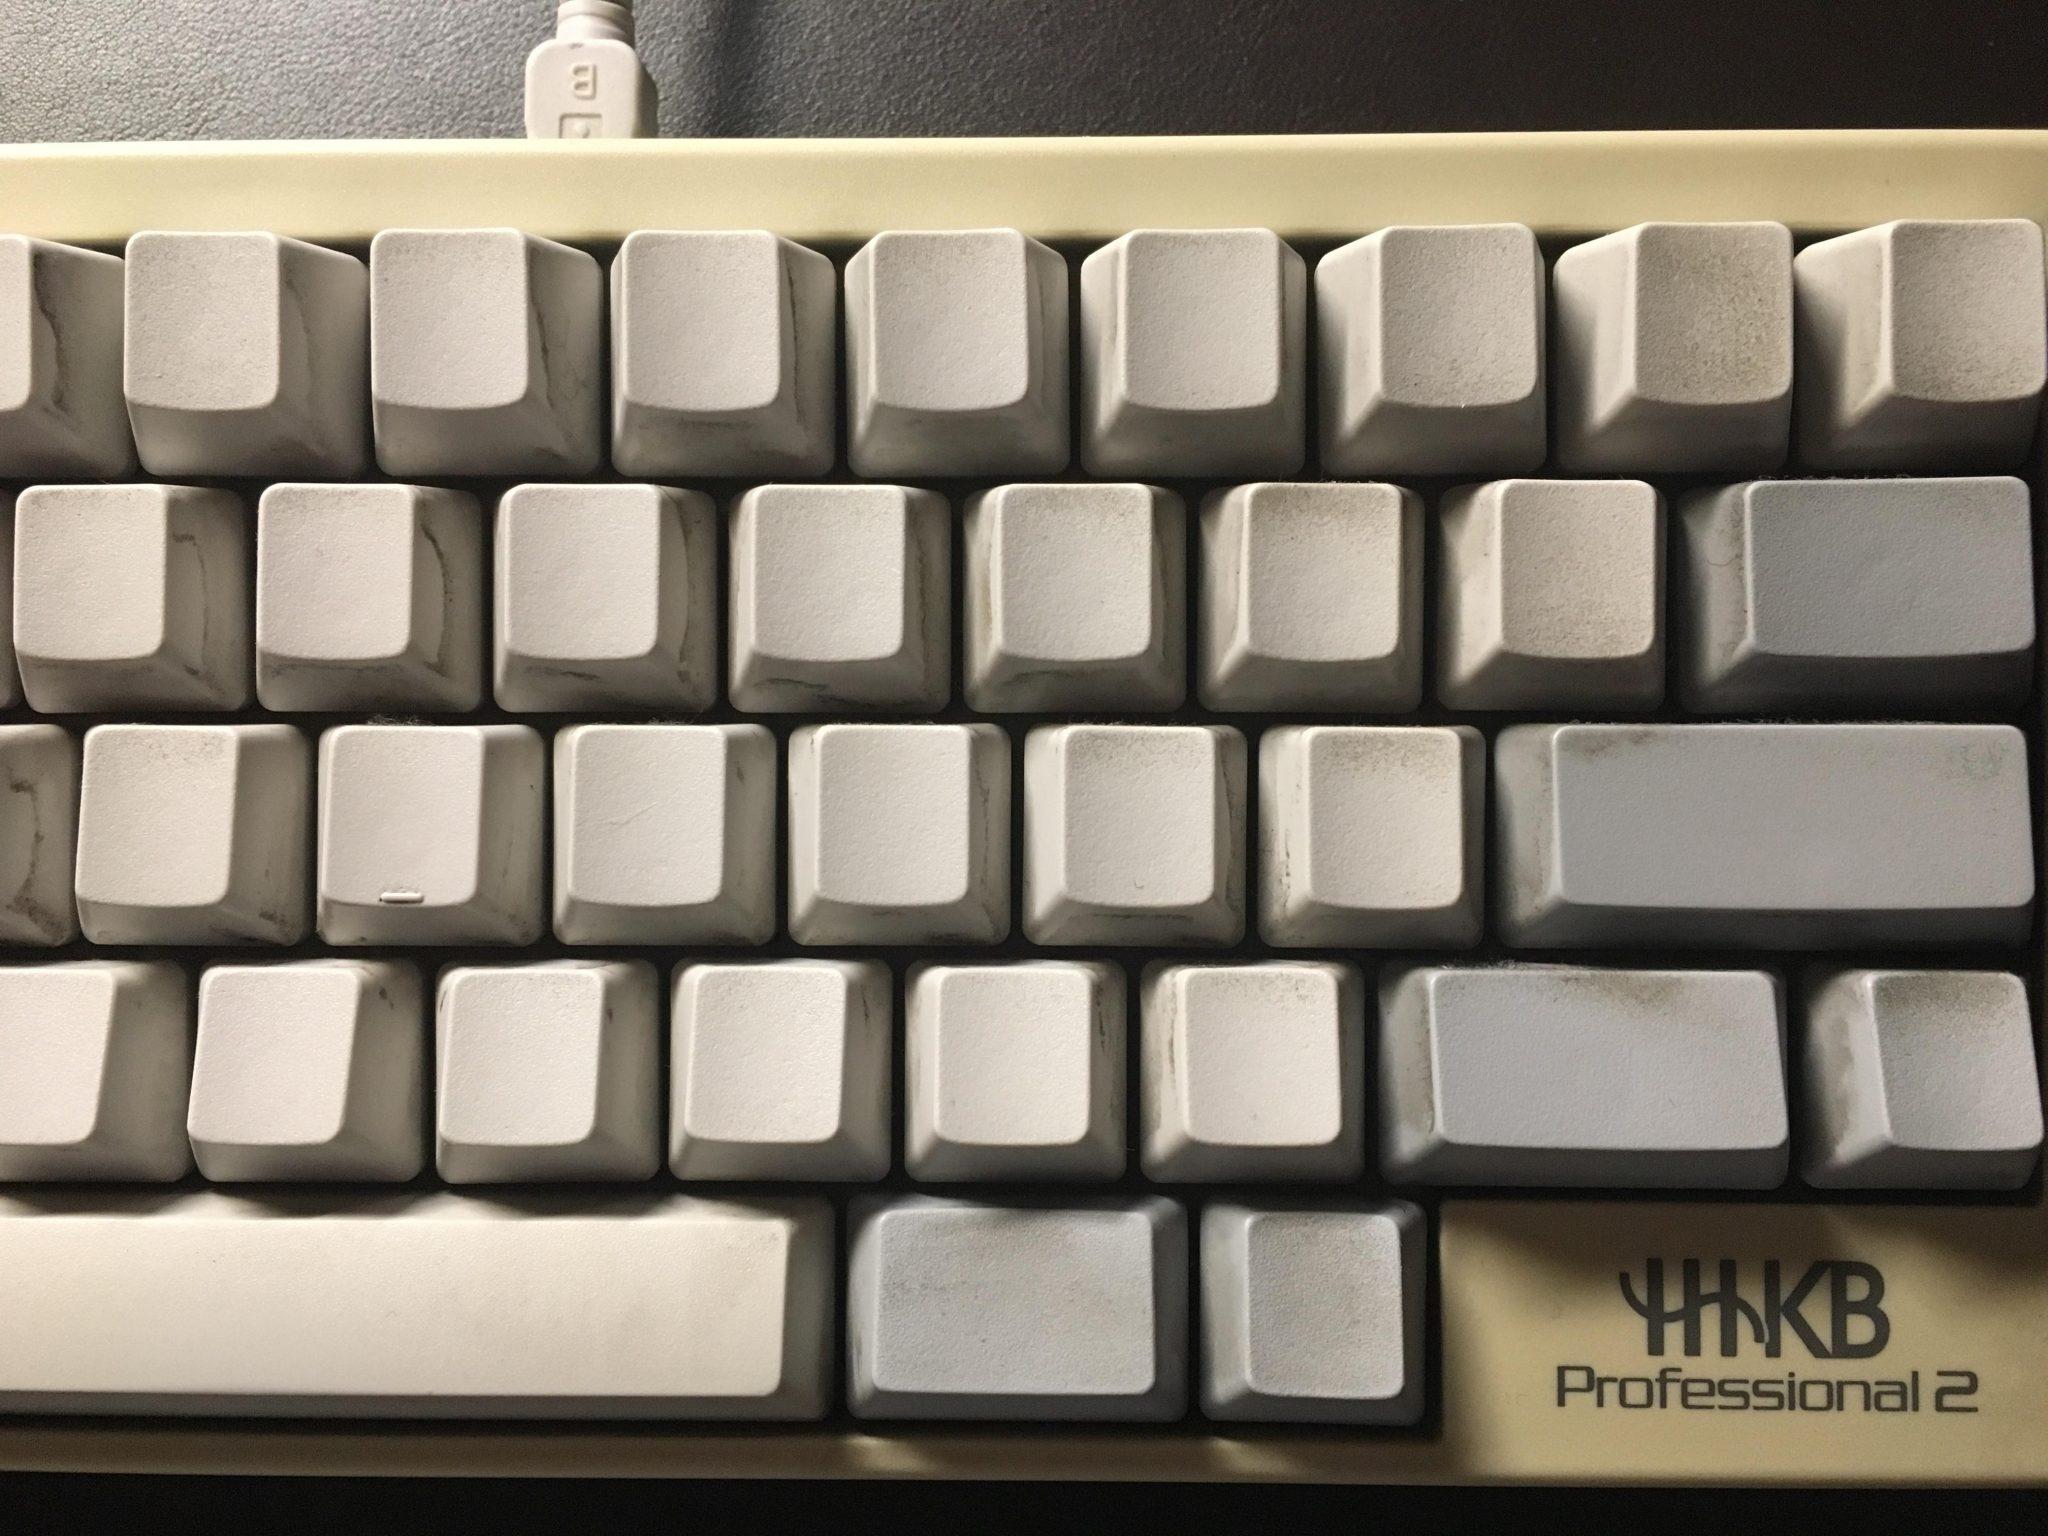 해피해킹 프로2 키보드